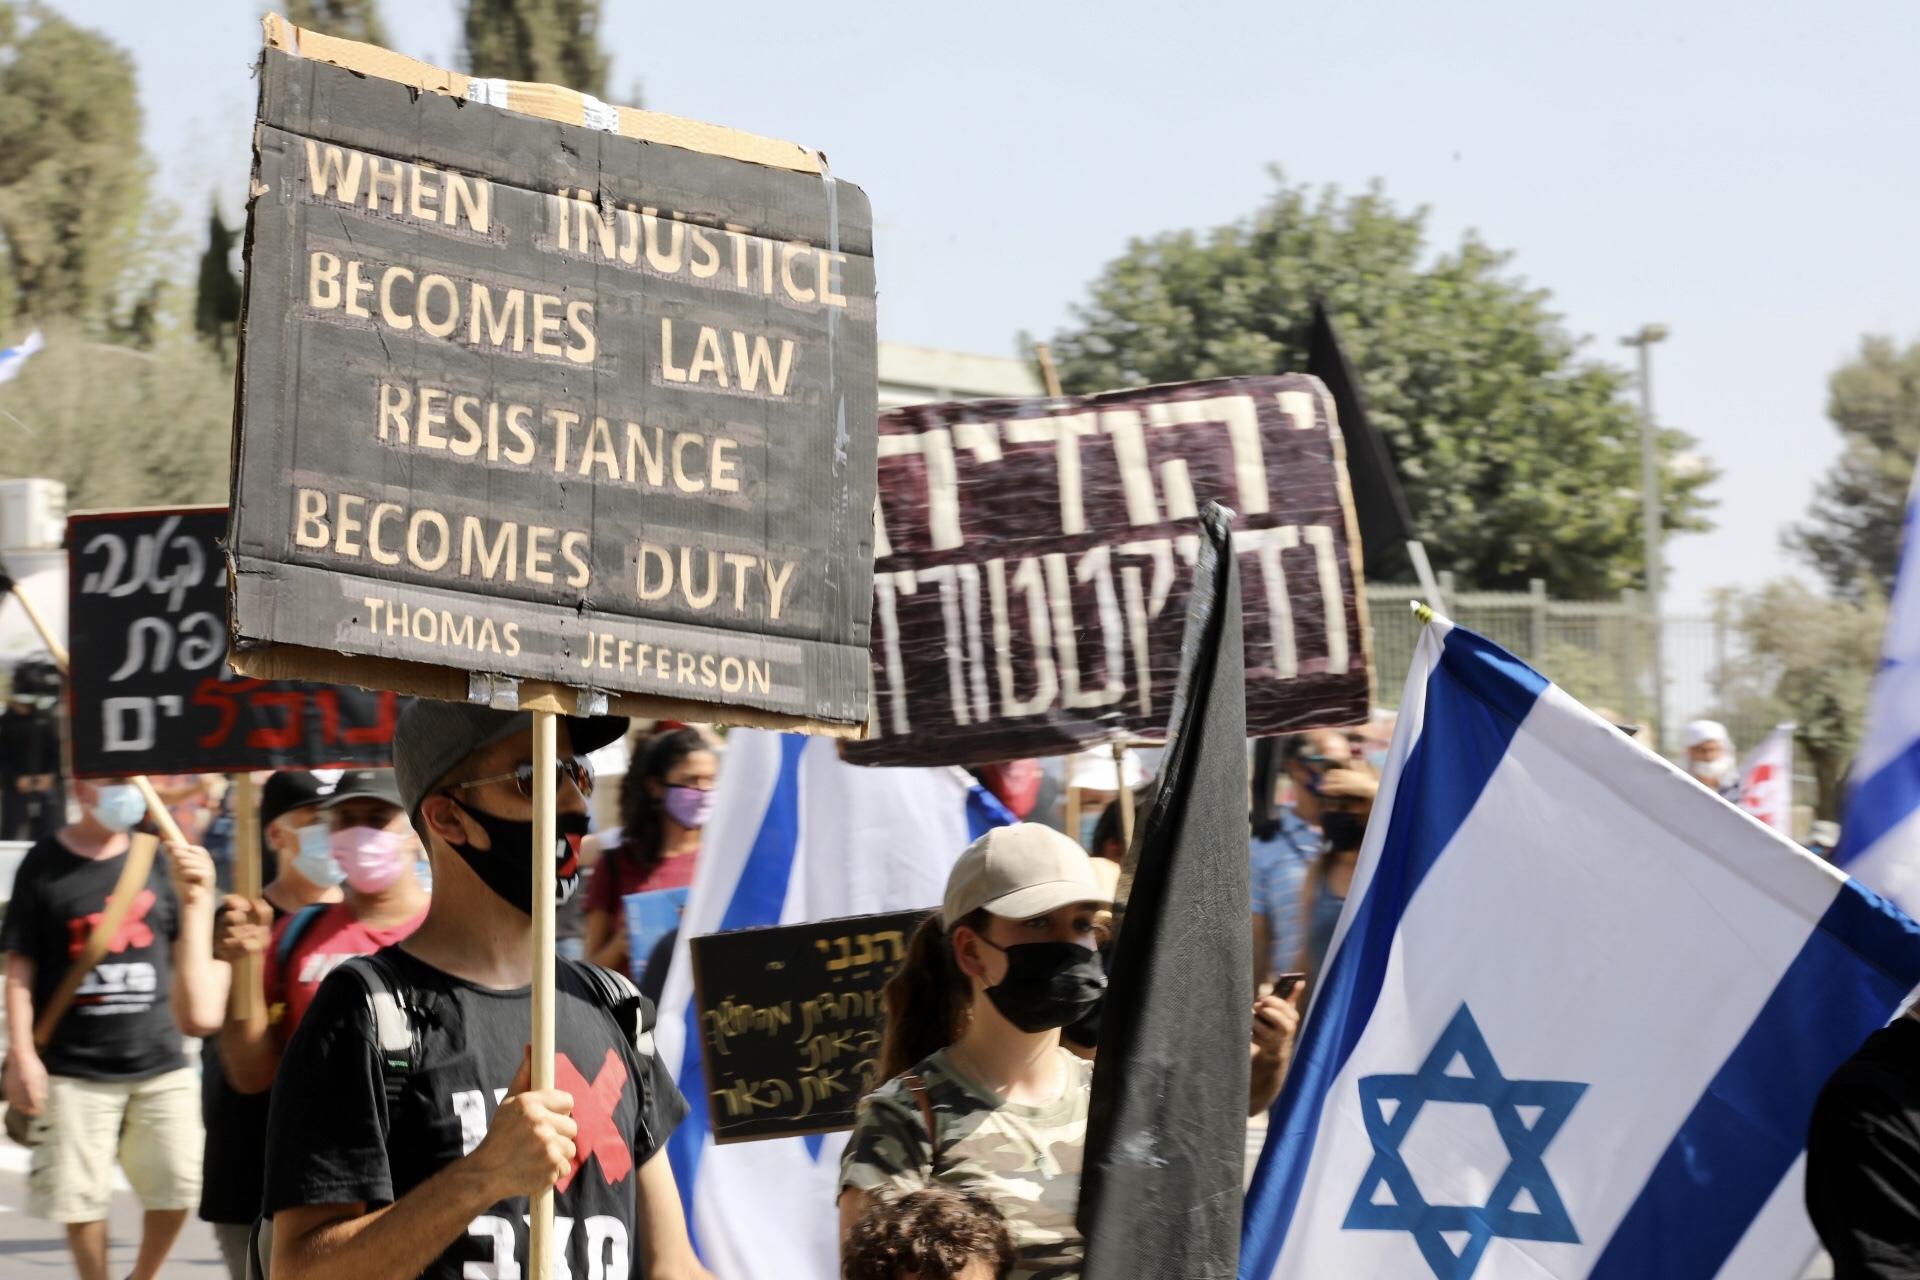 A járványra hivatkozva töri meg az ellene szerveződött tüntetéshullámot Izraelben Netanjahu kormánya